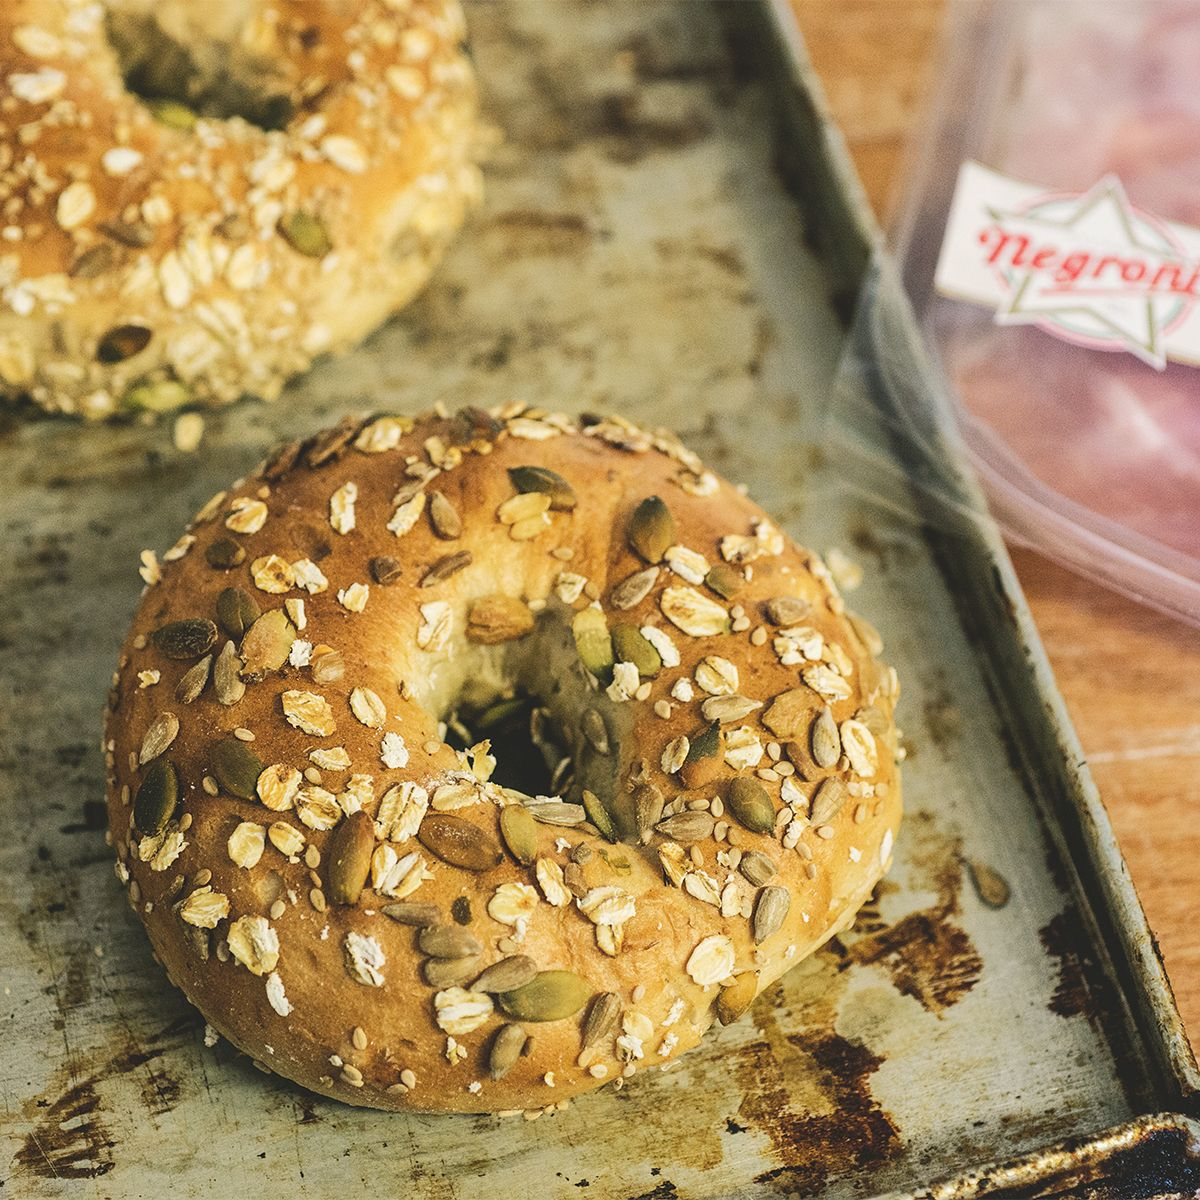 Bagel: storia e curiosità dell'unico pane cotto in acqua